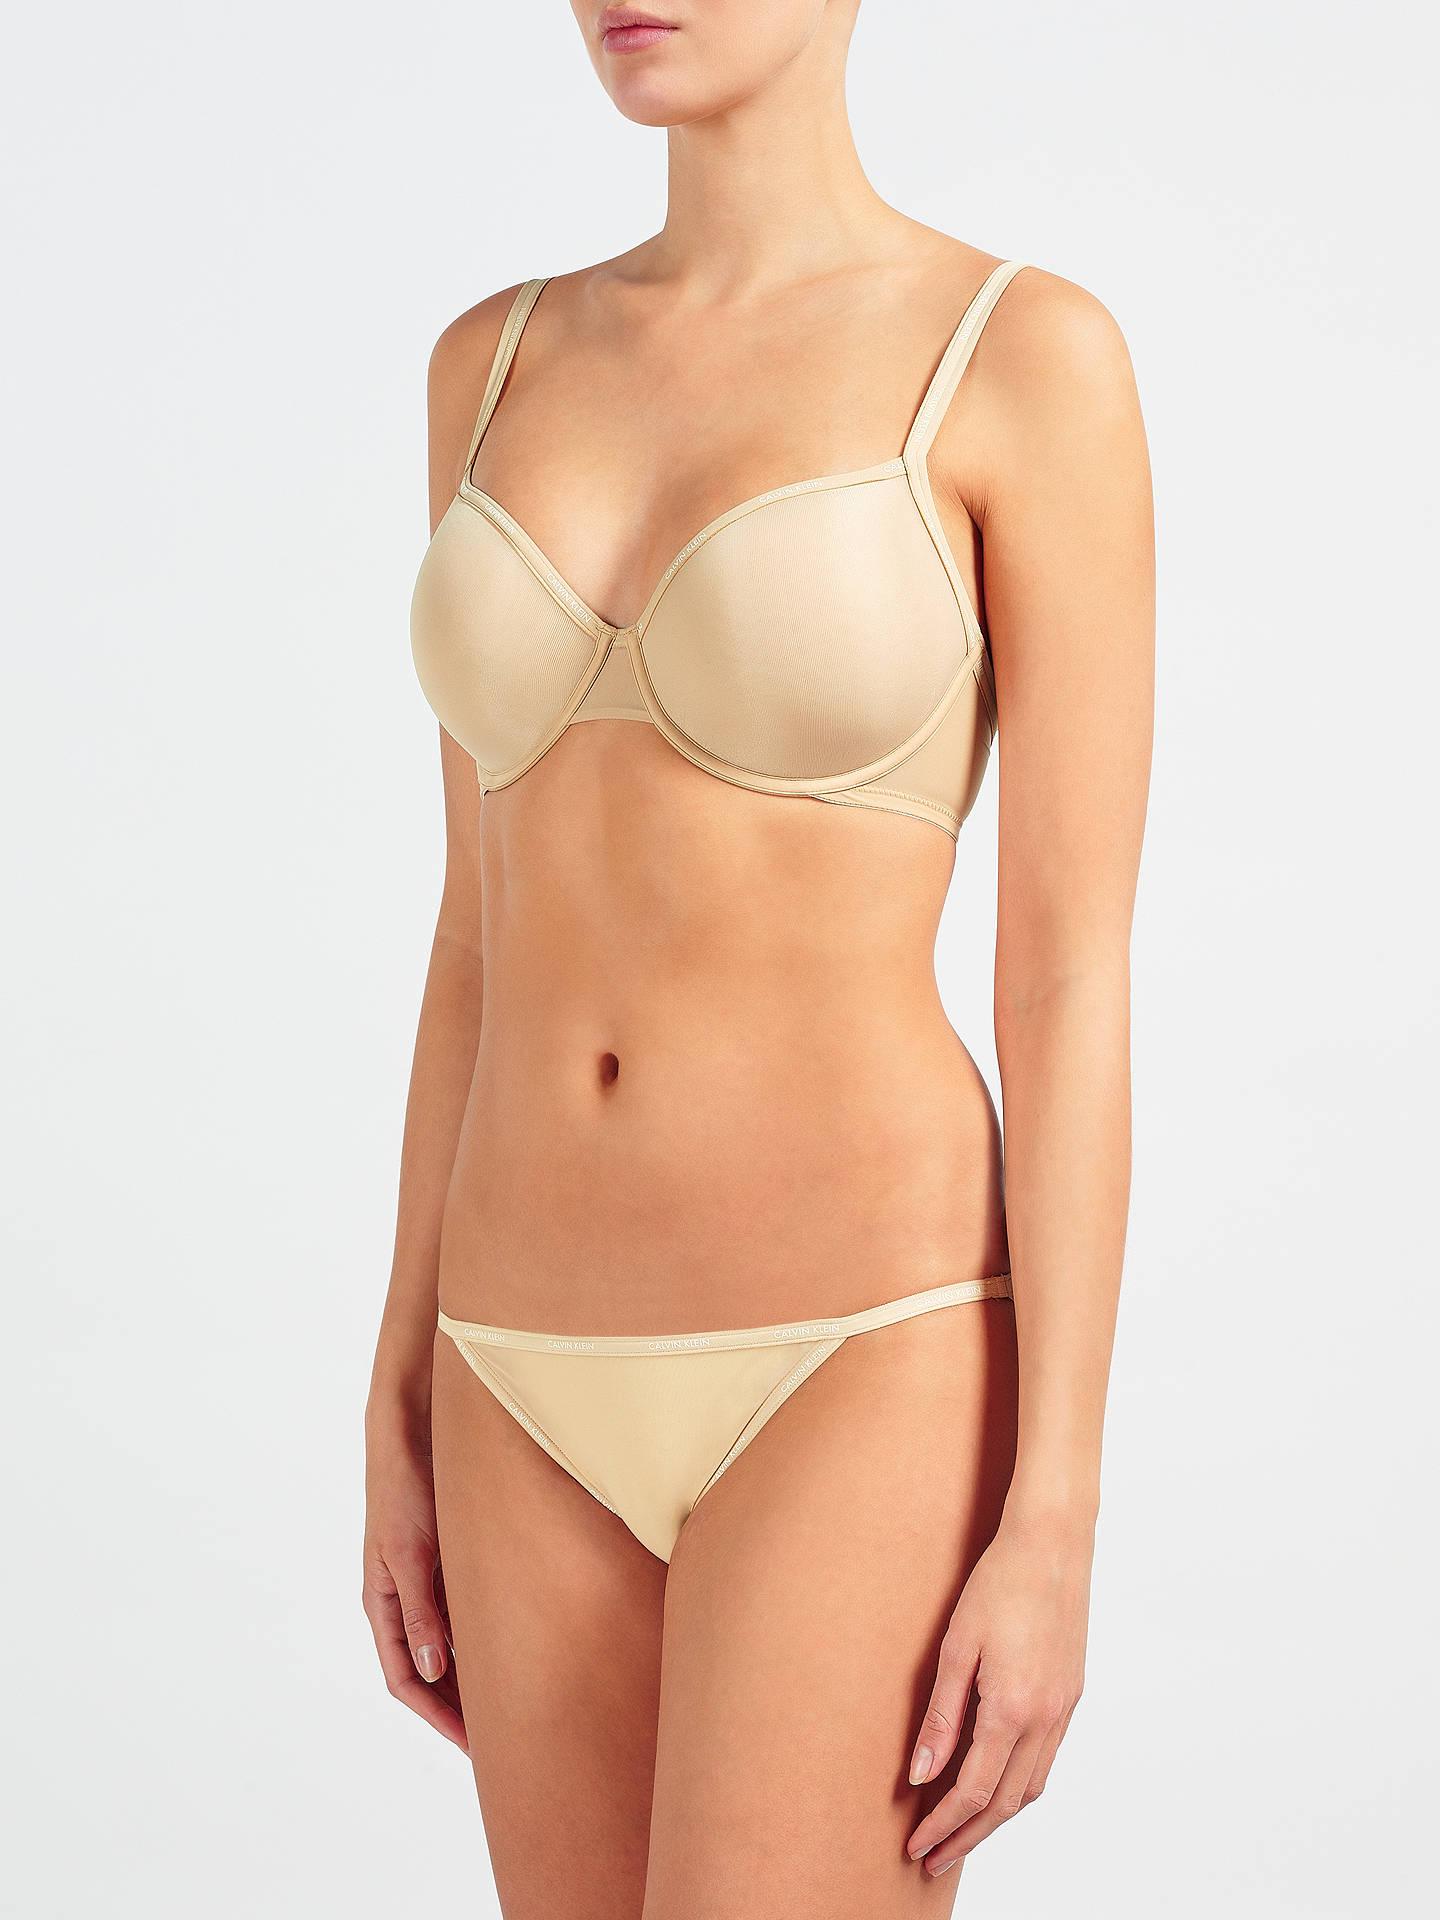 adaffa9af19 Buy Calvin Klein Underwear Sheer Marquisette Demi Underwired Bra